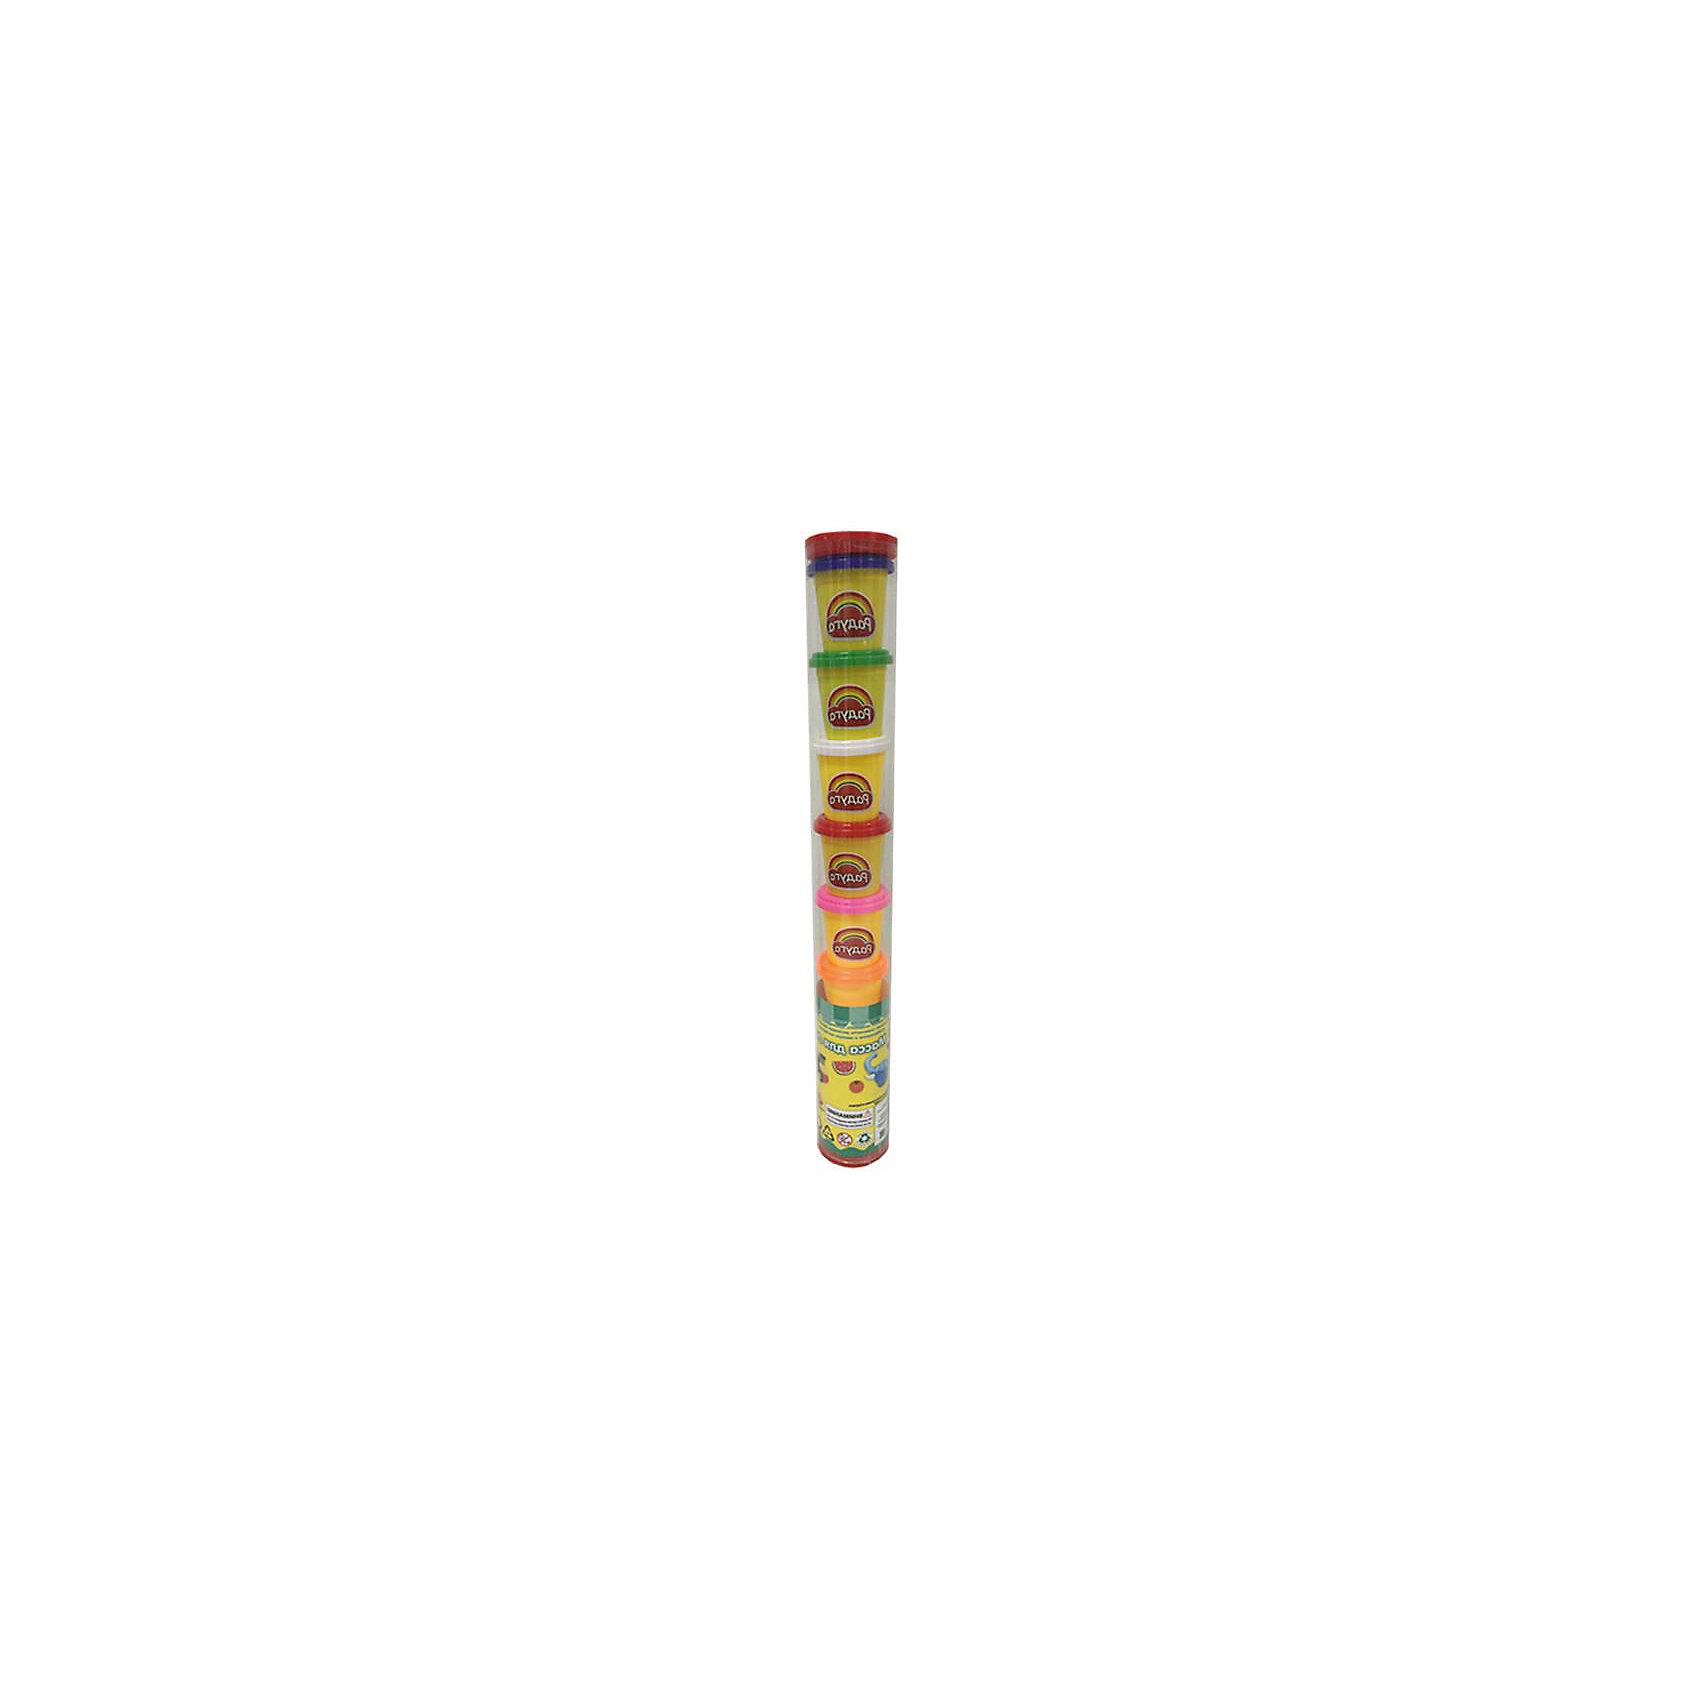 Набор Масса для лепки (8 баночек разных цветов, в тубе)Масса для лепки, 8 баночек в тубе, Радуга<br><br>Характеристика:<br><br>-В набор входит:<br>-8 разноцветных баночек с массой для лепки<br>-Состав: пластилин, пластмасса <br>-Возраст: от 3 лет<br>-Производитель: MERX Limited<br><br>Благодаря мягкой текстуре массы для лепки, ребёнку будет не трудно создавать разные фигурки. Лепка влияет на развитие моторики рук, воображения и фантазии.  Вместе с массой для лепки ваш ребёнок испытает много положительных эмоций, не ограничивая свою фантазию и воображение <br><br>Масса для лепки, 8 баночек в тубе, Радуга можно приобрести в нашем интернет-магазине.<br><br>Ширина мм: 480<br>Глубина мм: 50<br>Высота мм: 50<br>Вес г: 531<br>Возраст от месяцев: 36<br>Возраст до месяцев: 144<br>Пол: Унисекс<br>Возраст: Детский<br>SKU: 5078263